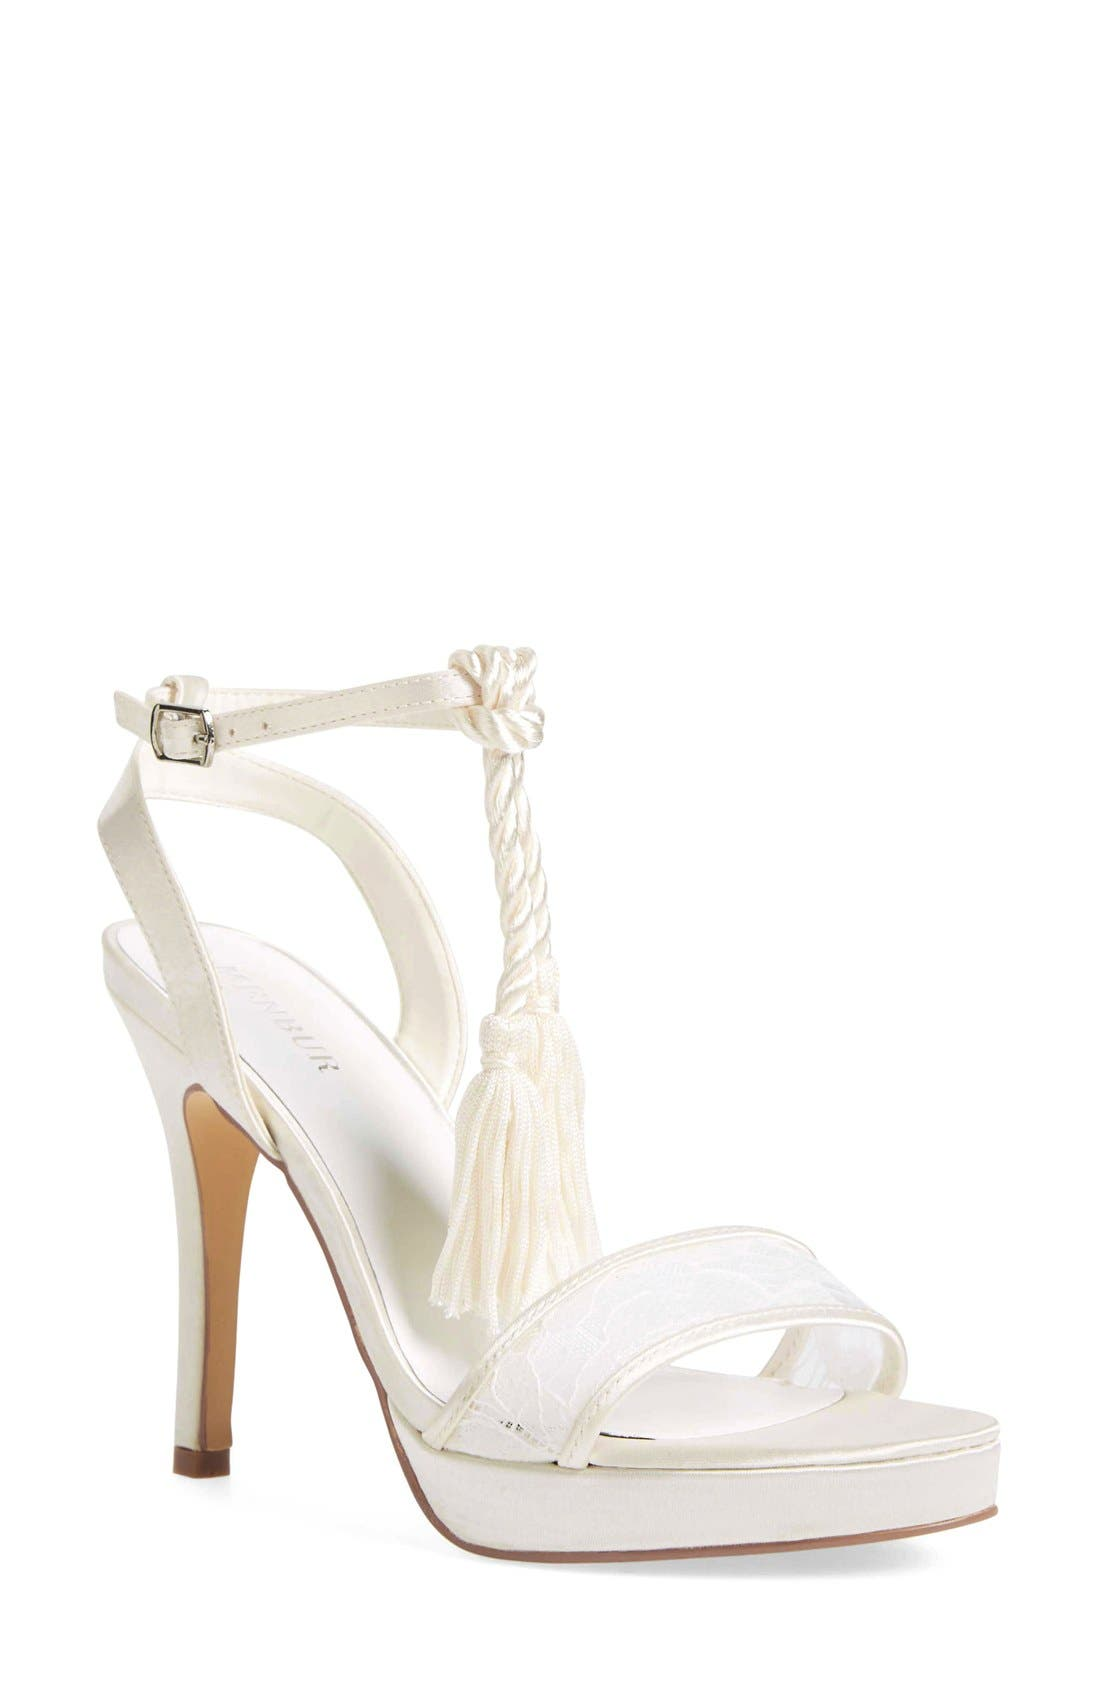 Alternate Image 1 Selected - Menbur 'Dalila' Bridal Sandal (Women)